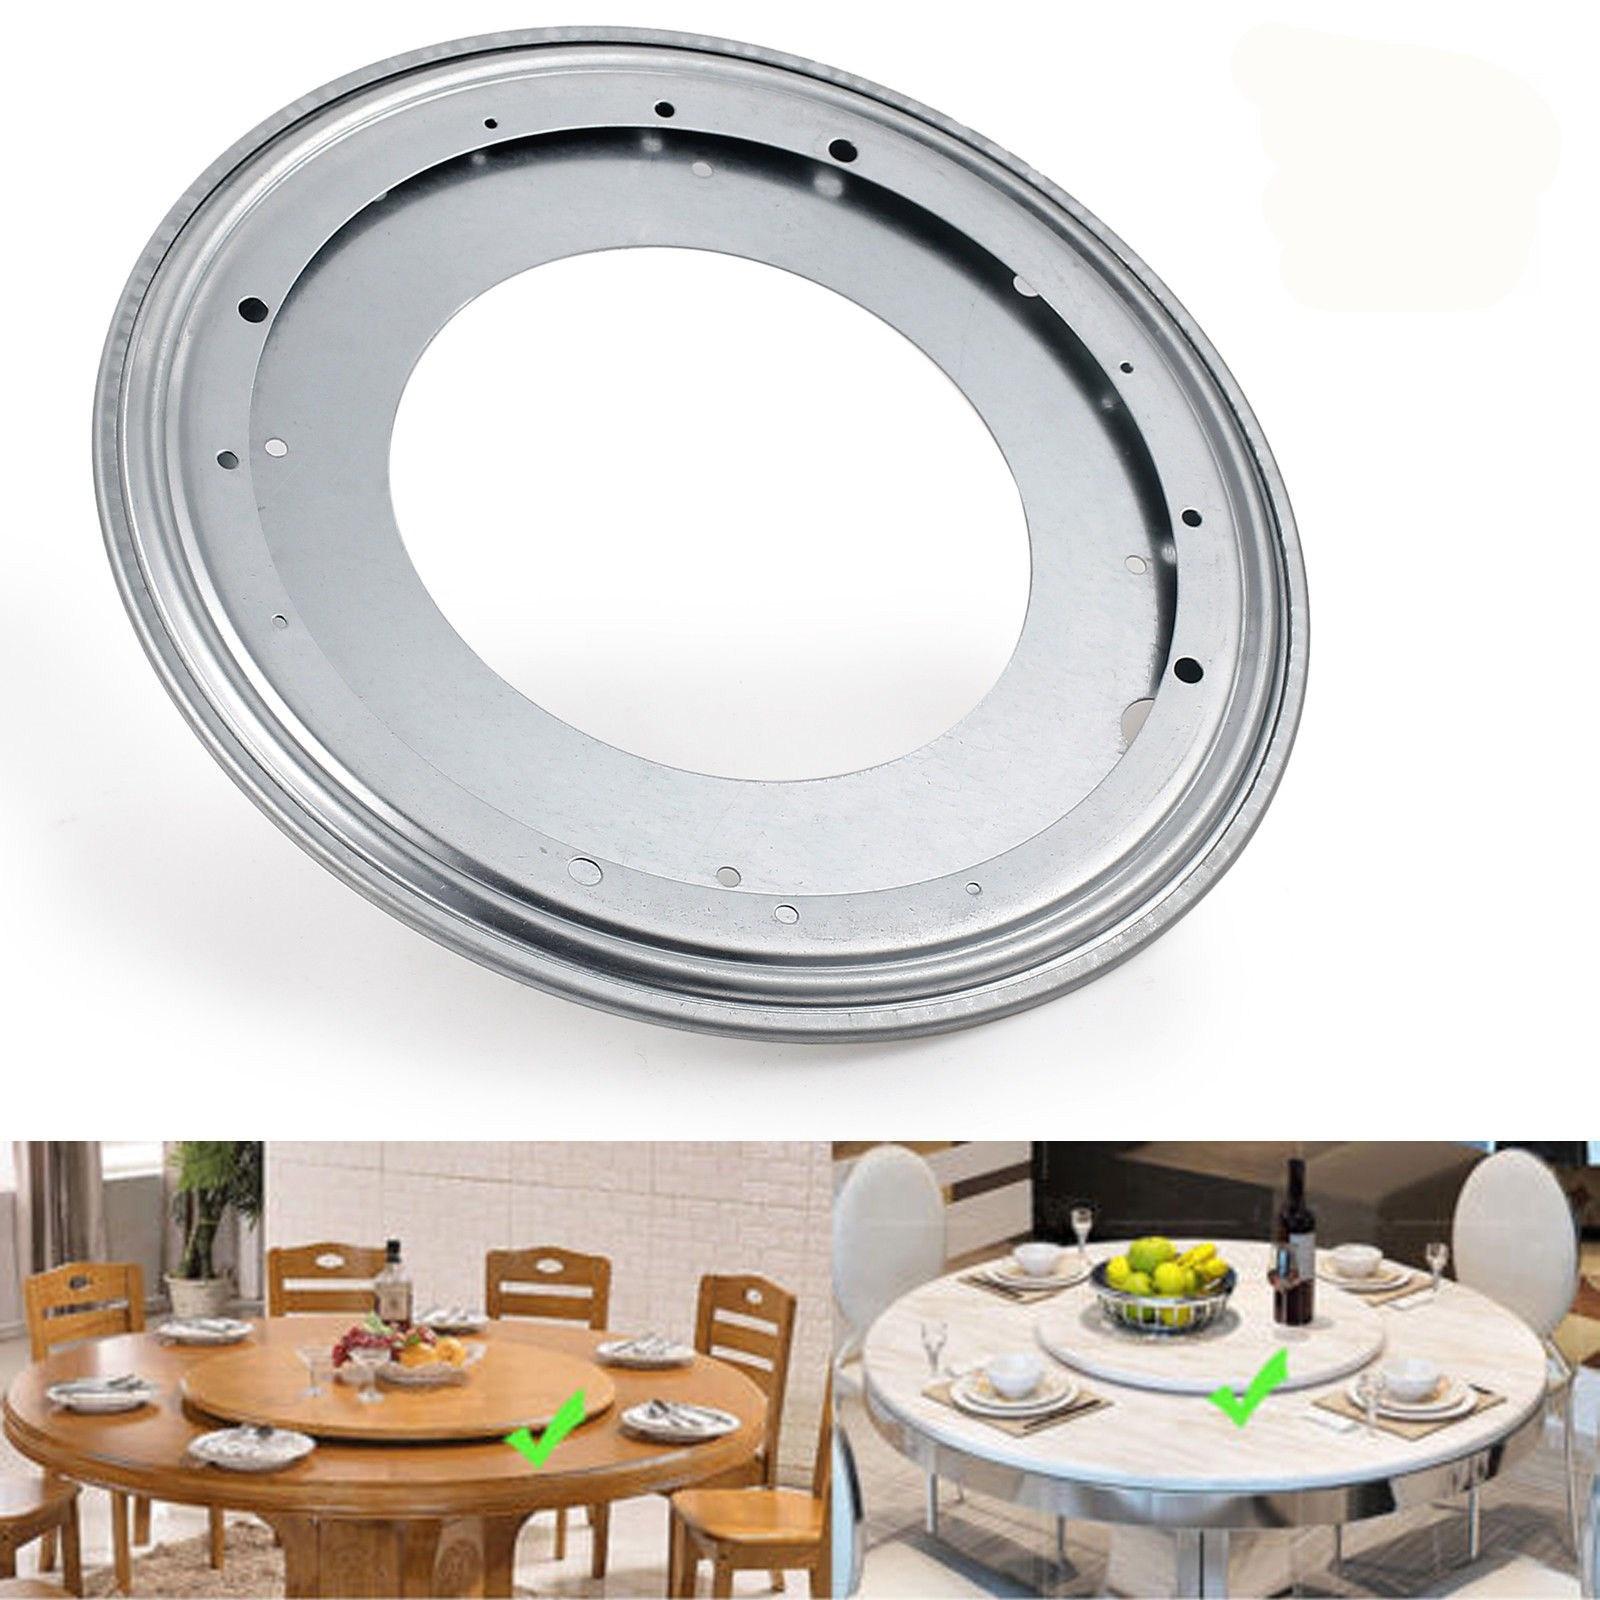 3 Zoll Eisen Möbel Schreibtisch Quadratischen Platten Ständer Weiß Für Esstisch 360 Grad Rotierenden Drehscheibe Hardware Fitting Swivel Platten